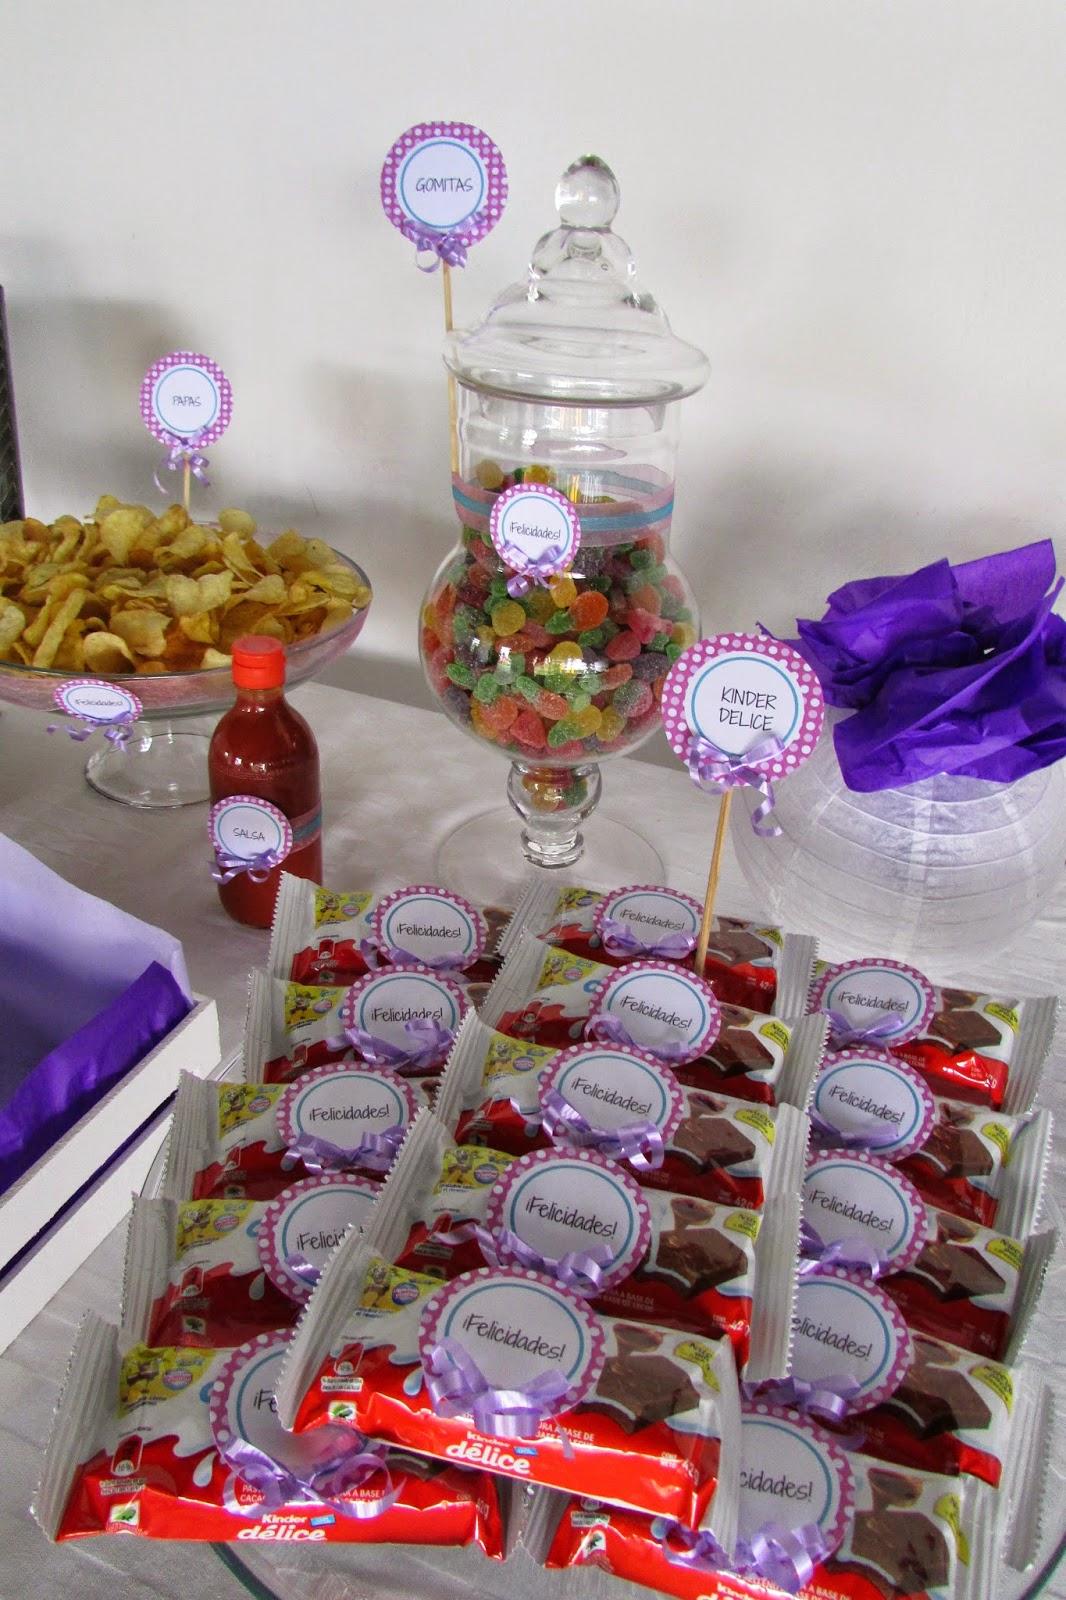 Kinder-delice-candy-bar